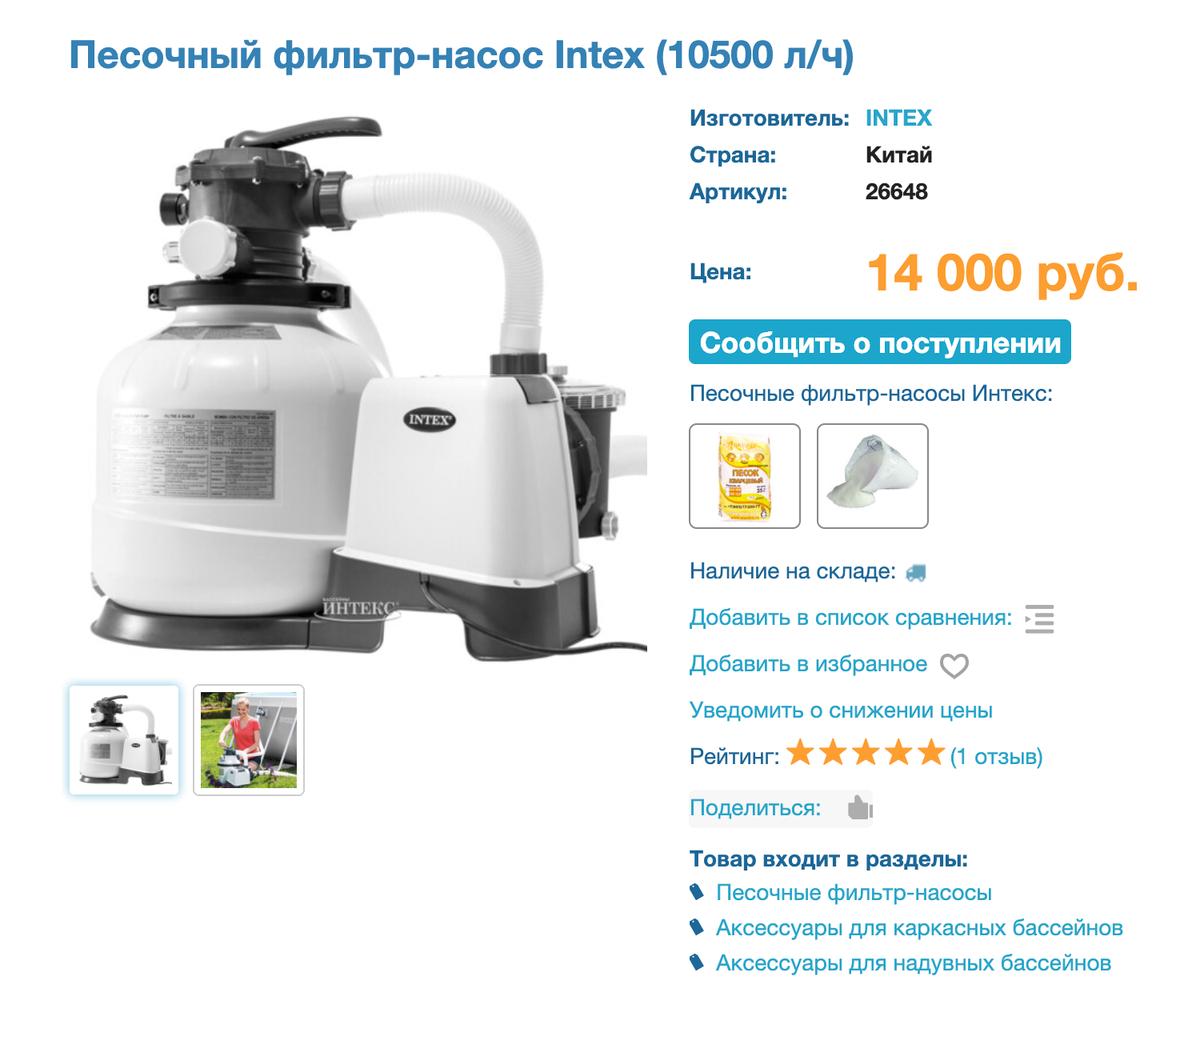 Песочные фильтр-насосы можно приобрести на сайтах, где продают бассейны. Фирма Intex предлагает фильтры от 14 000<span class=ruble>Р</span>. Источник: Intex